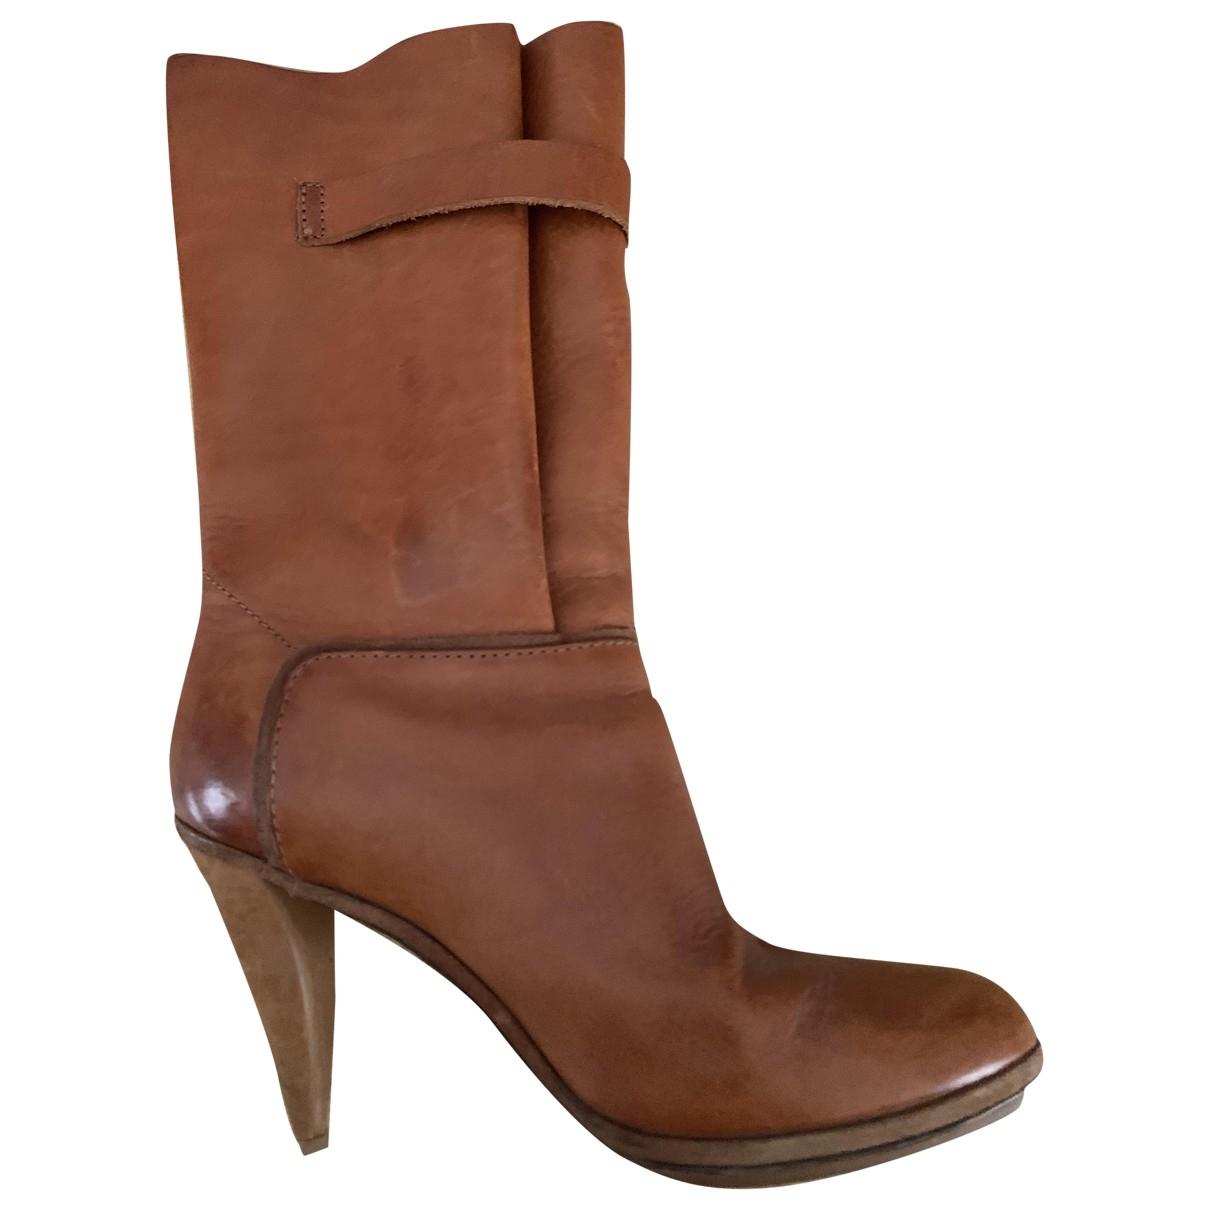 Balenciaga - Bottes   pour femme en cuir - camel